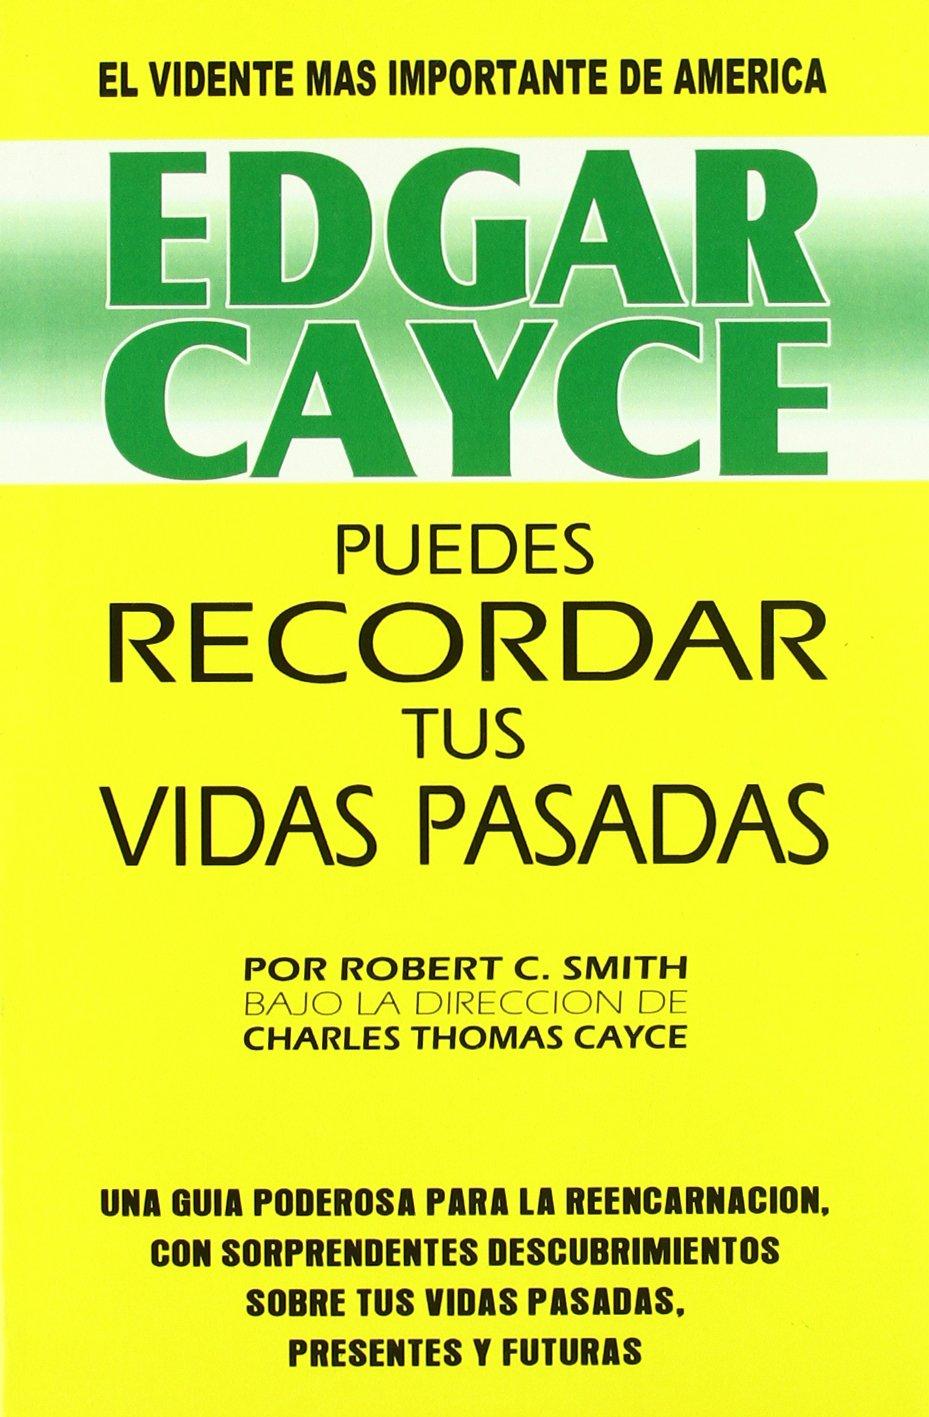 EDGAR CAYCE PUEDES RECORDAR TUS VIDAS PASADAS